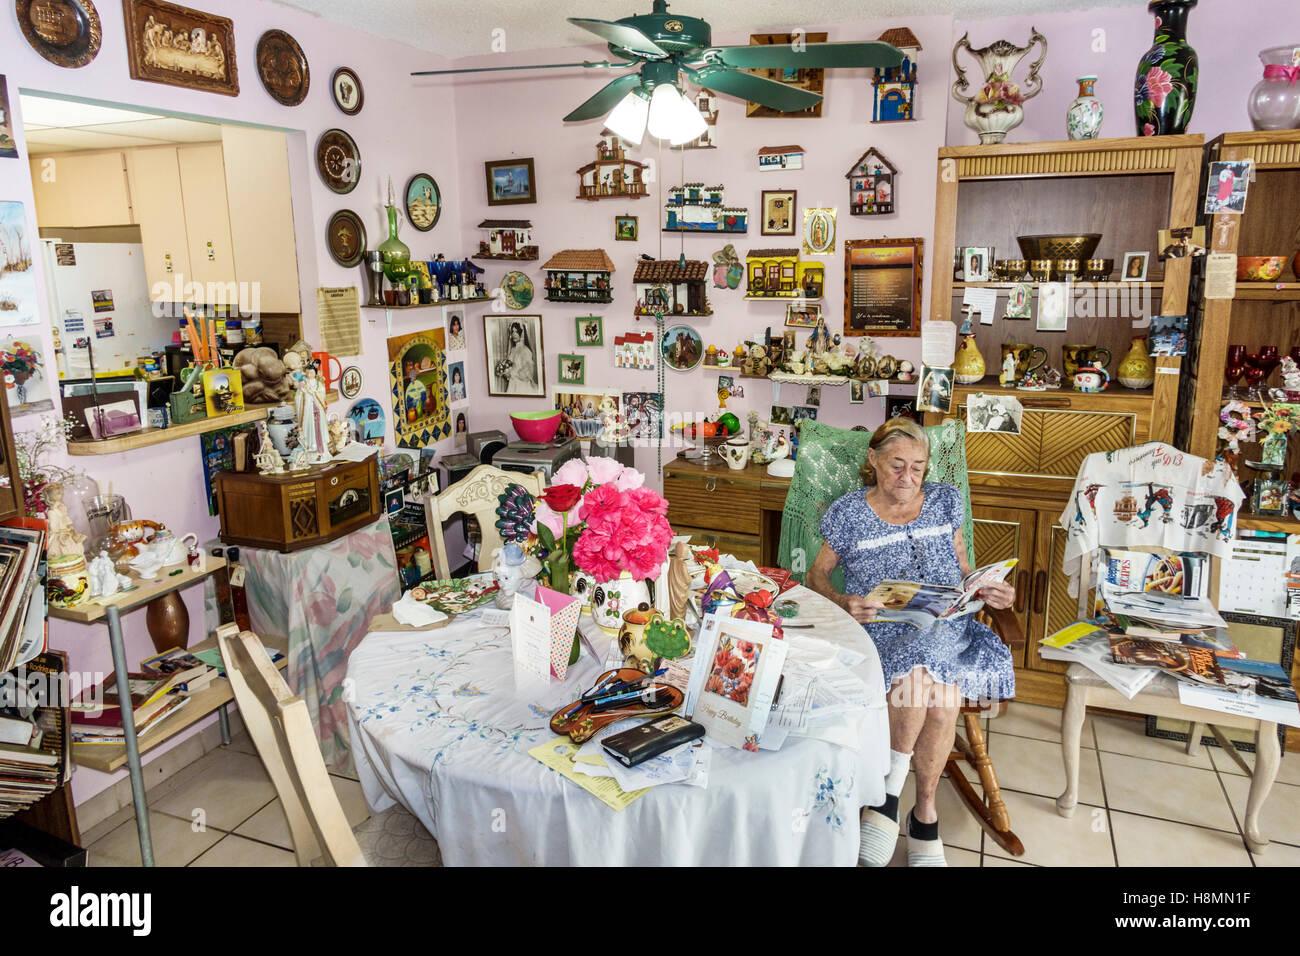 florida miami beach senior hispanic woman home interior decor florida miami beach senior hispanic woman home interior decor decorated